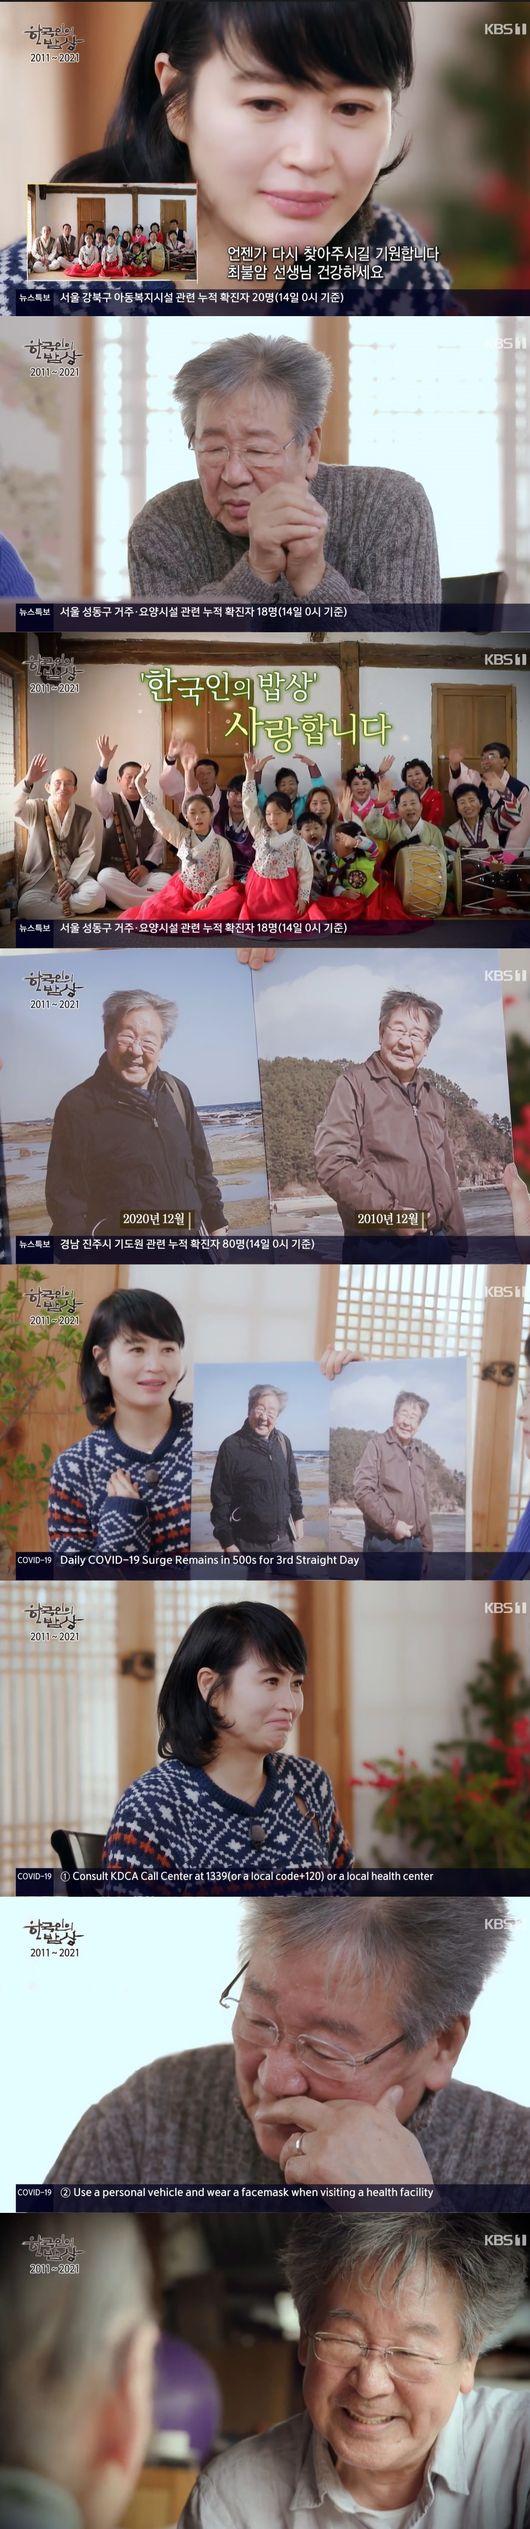 최불암♥김민자=부모님 김혜수가 준비한, 특별한 10주년 만찬 (한국인) [Oh!쎈 종합]